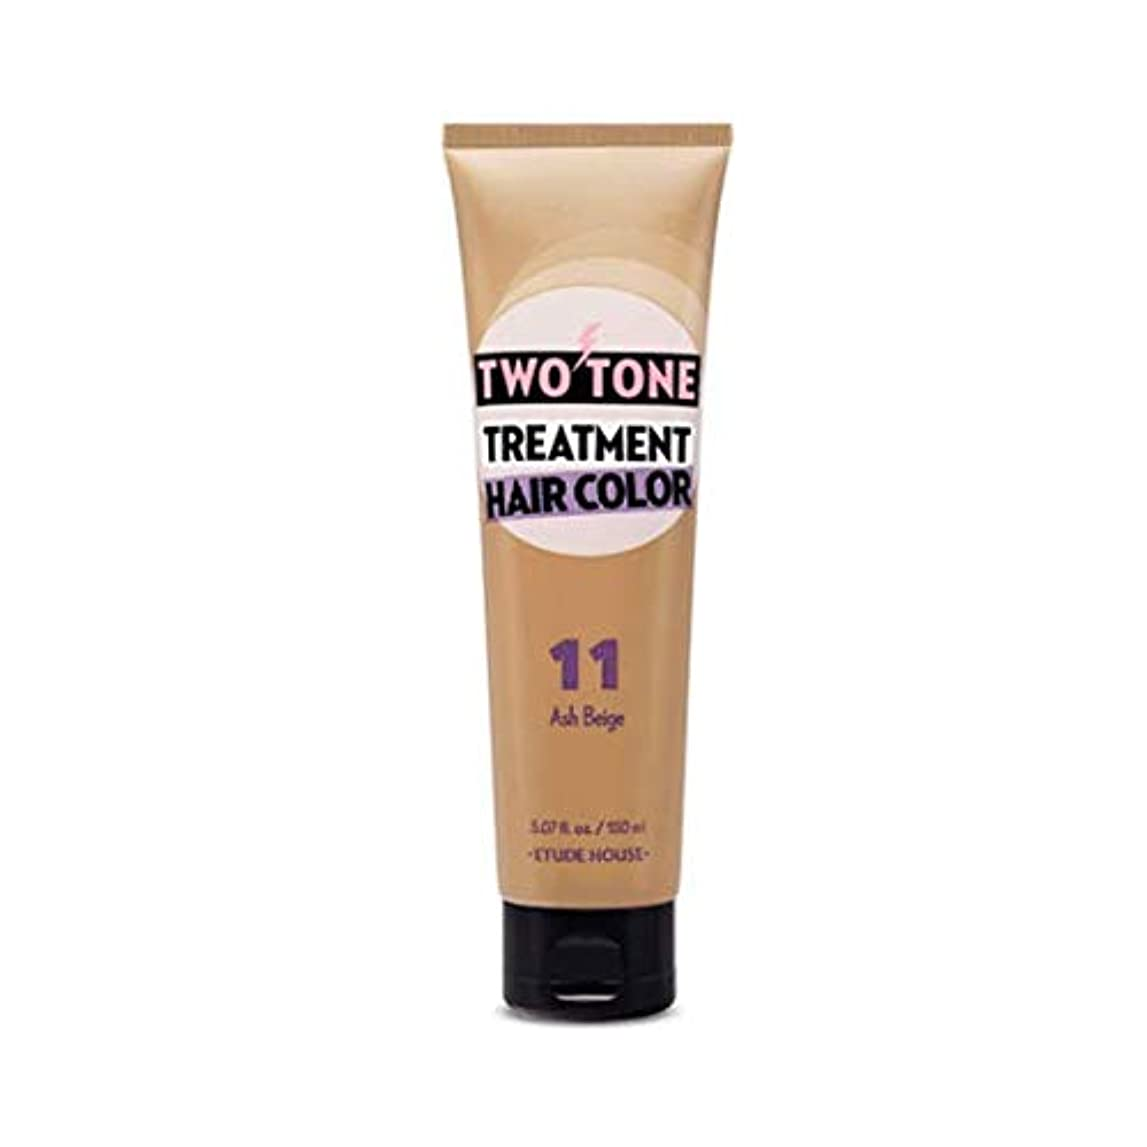 北西リクルート口ひげETUDE HOUSE Two Tone Treatment Hair Color *11 Ash Beige/エチュードハウス ツートントリートメントヘアカラー150ml [並行輸入品]